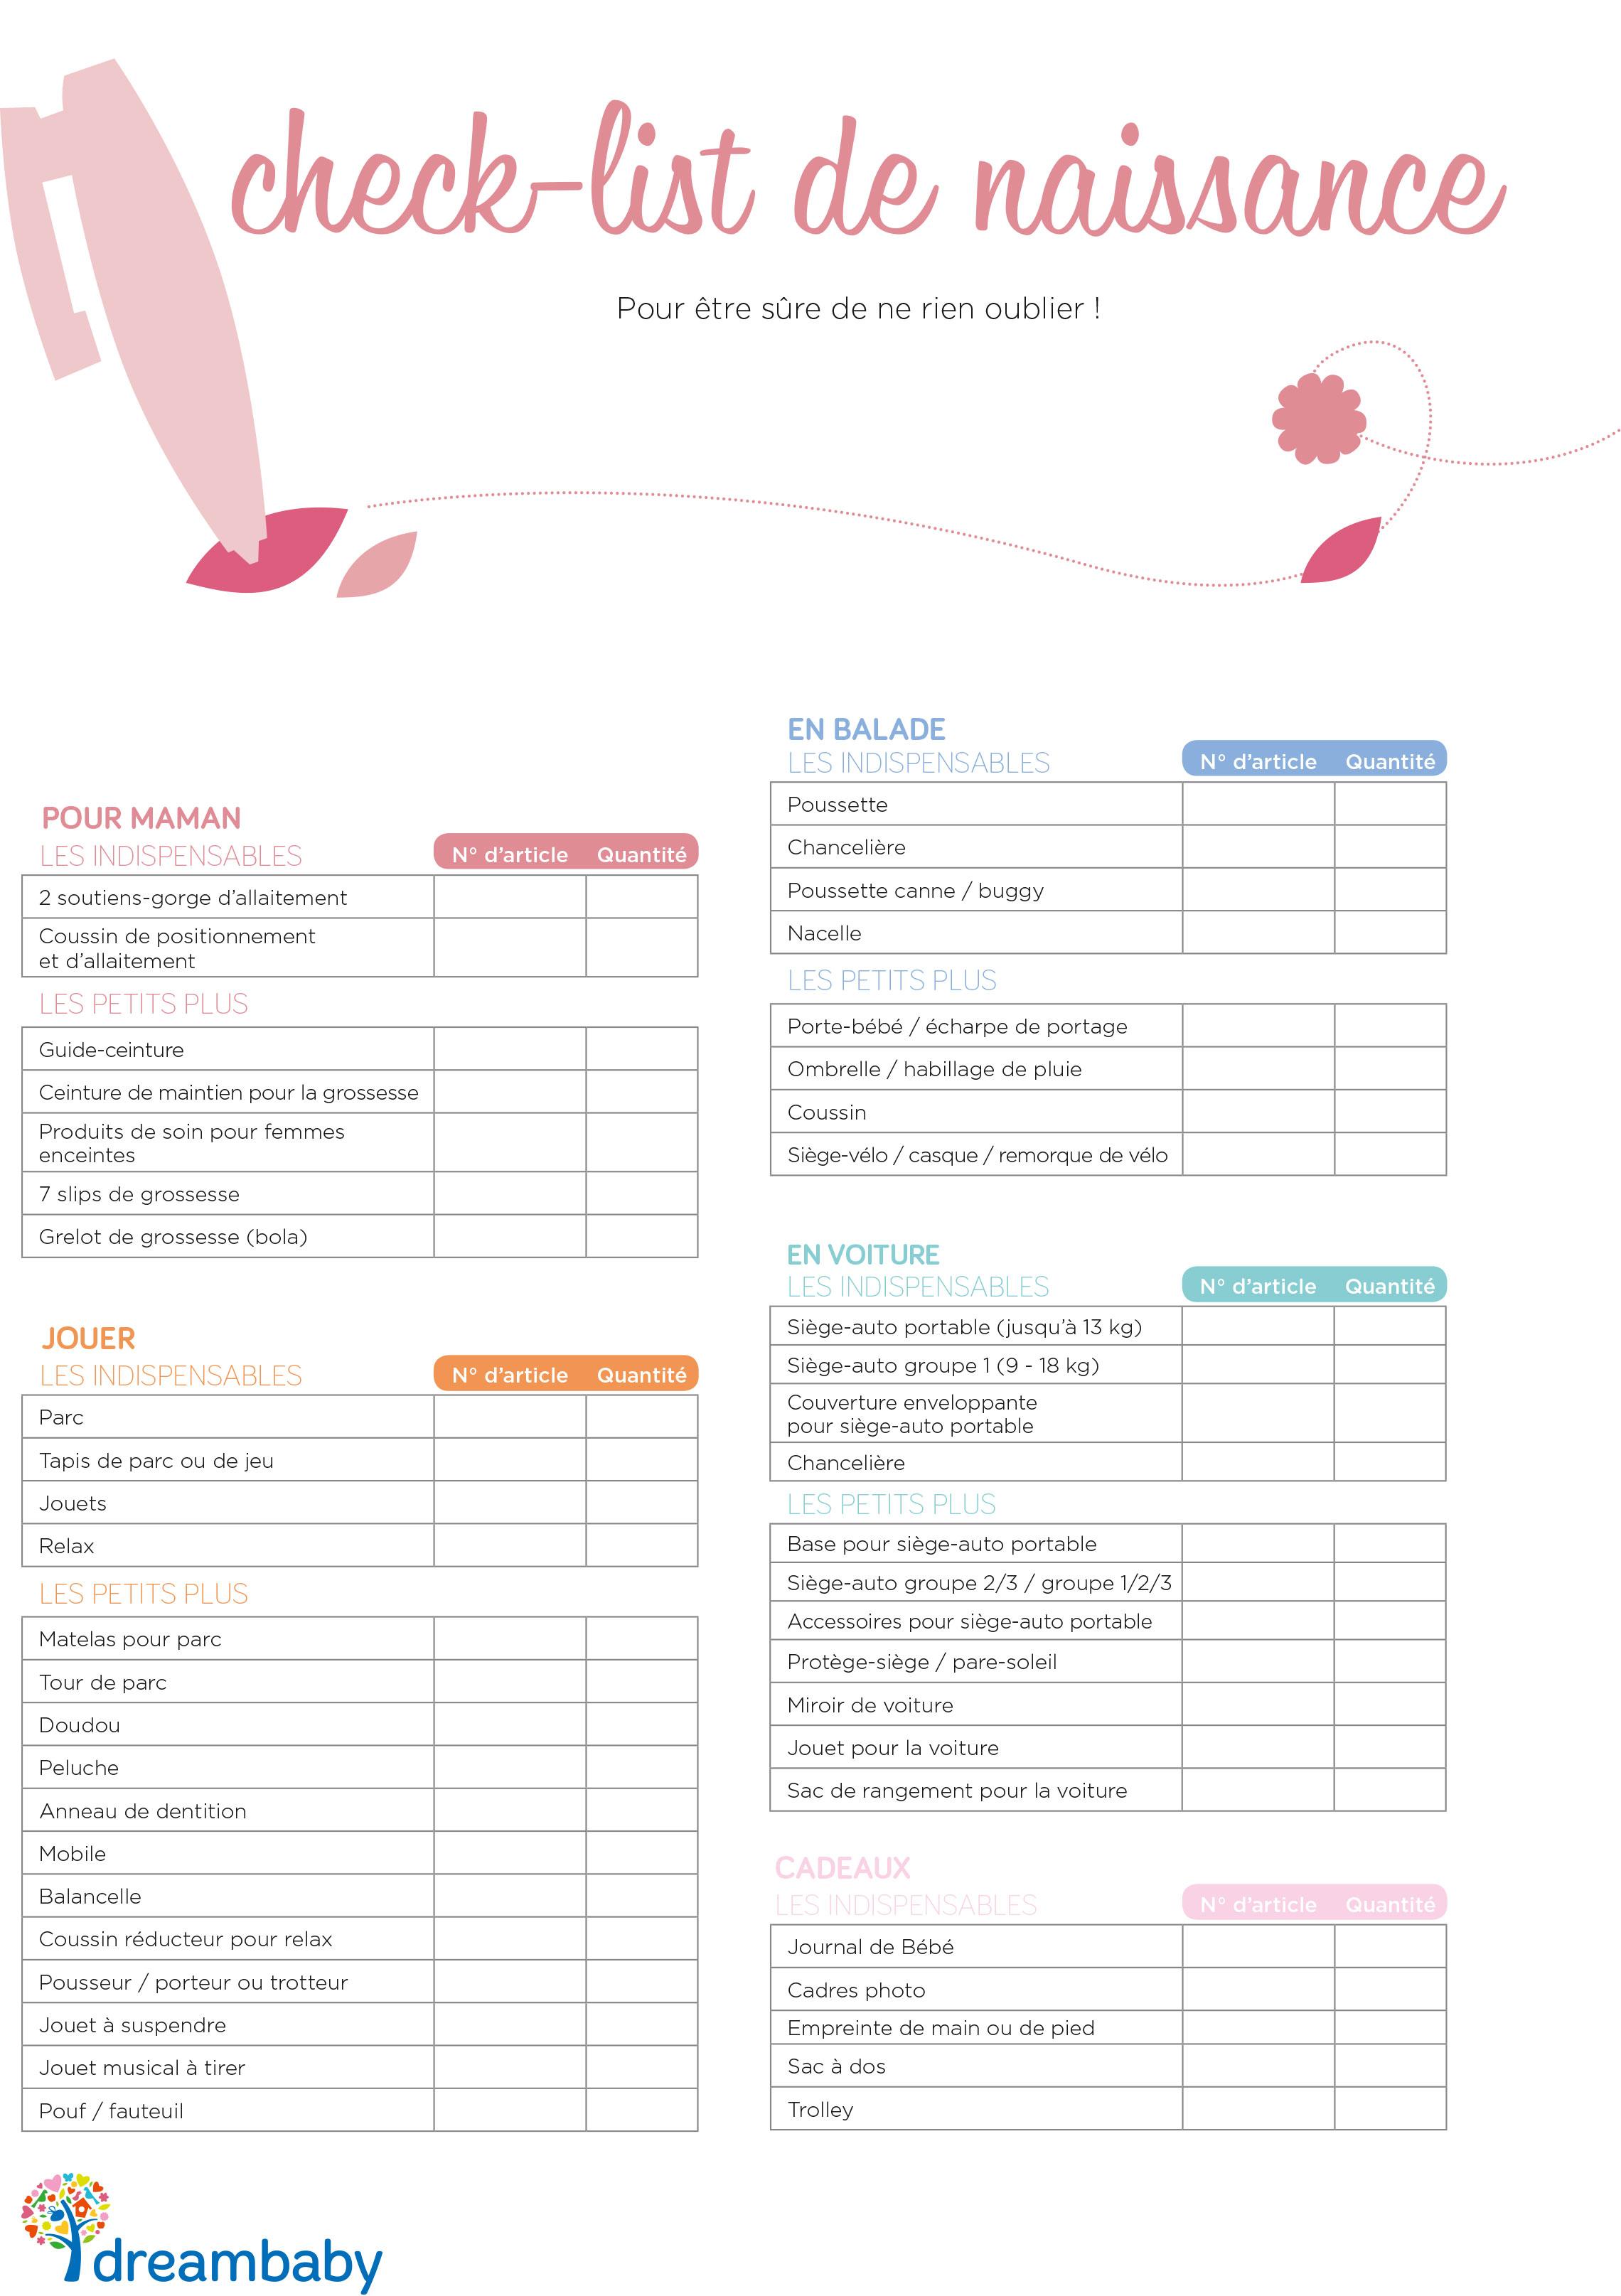 modele liste de naissance